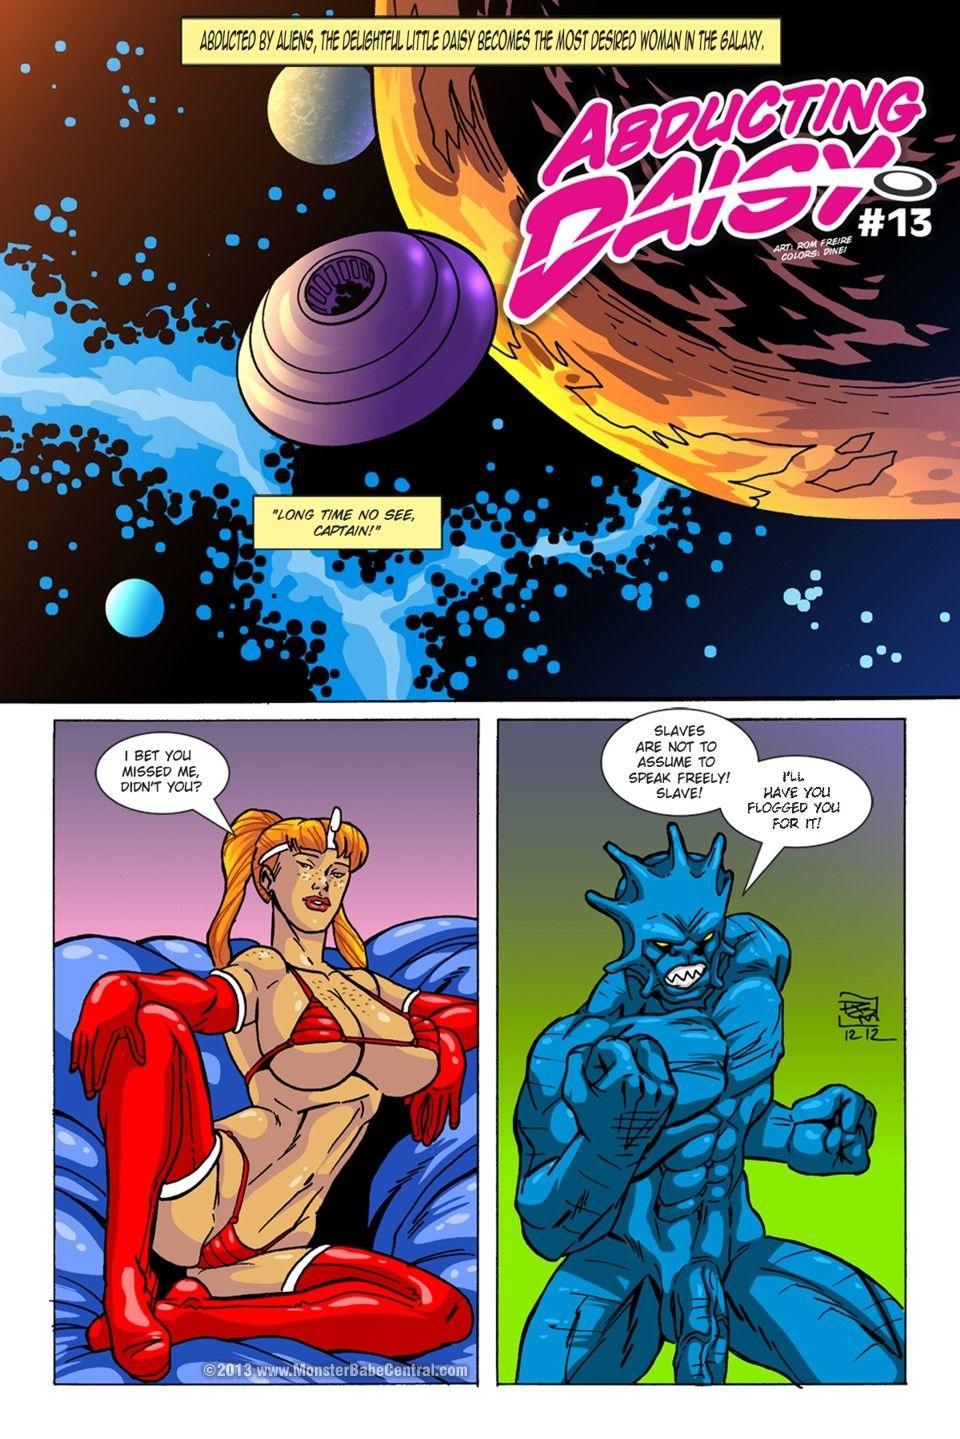 Porn Comics - Abducting Daisy 13 porn comics 8 muses